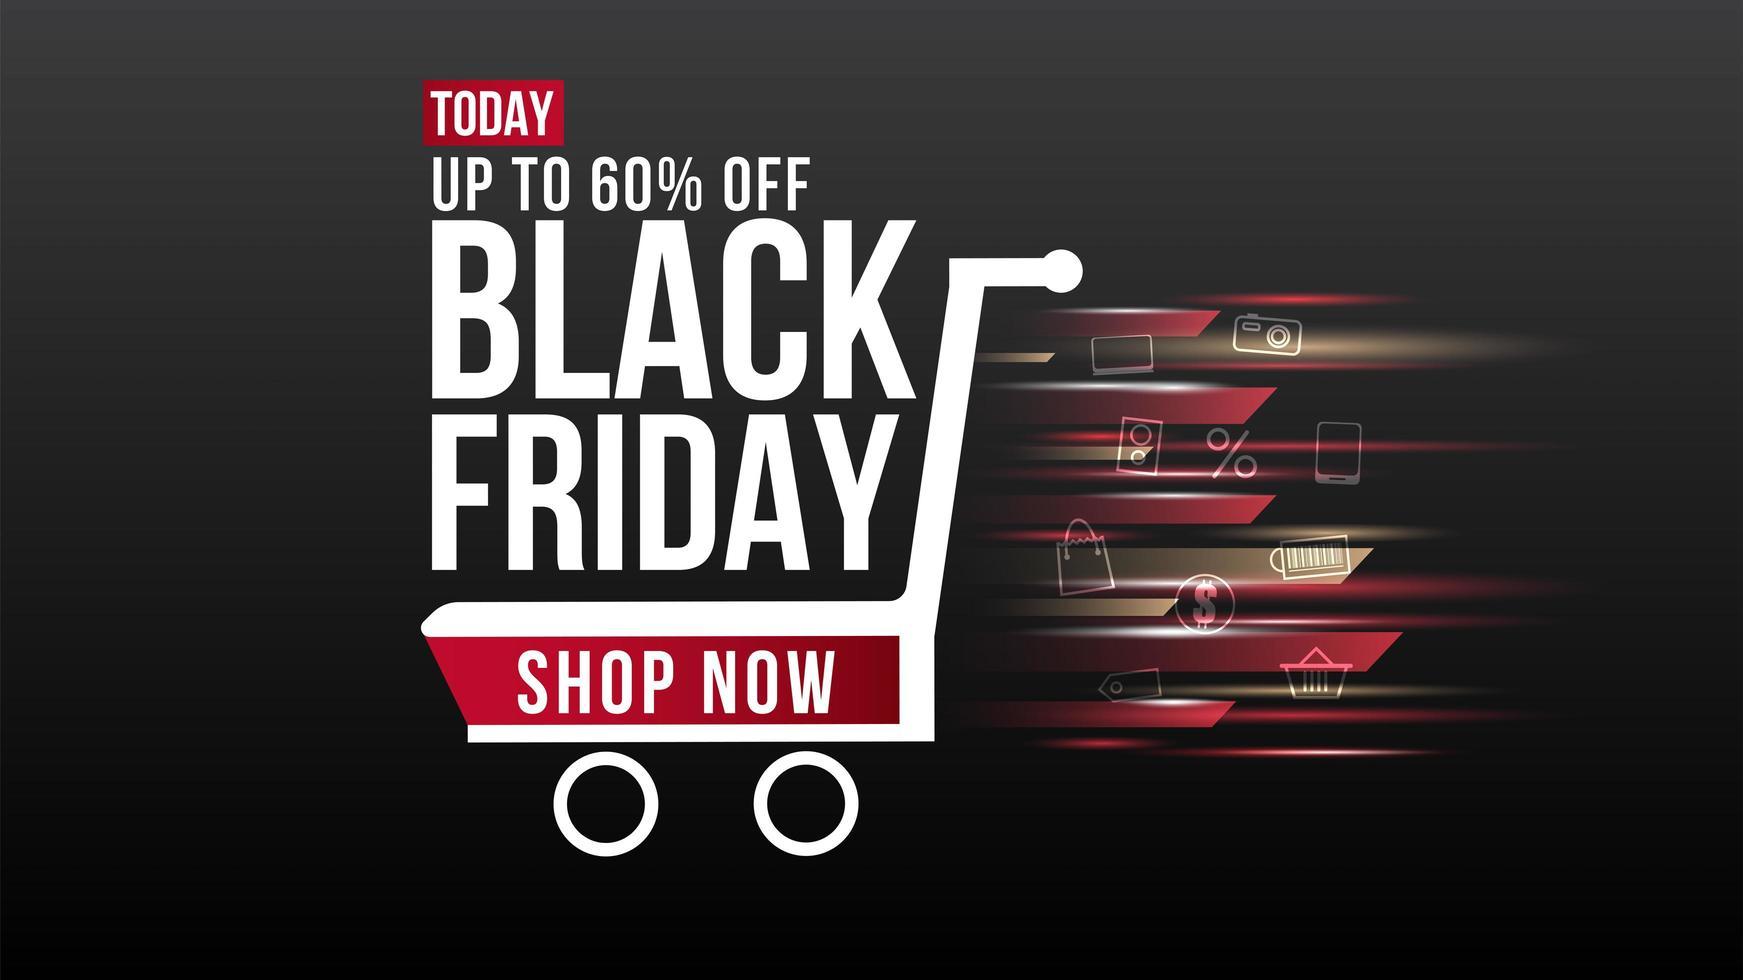 banner de venta de carrito de compras de desenfoque de viernes negro vector